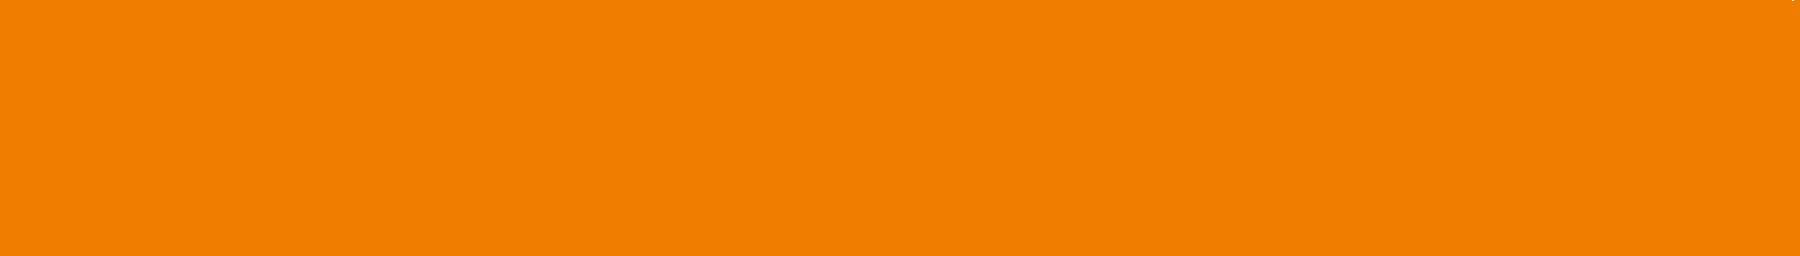 bg triangle